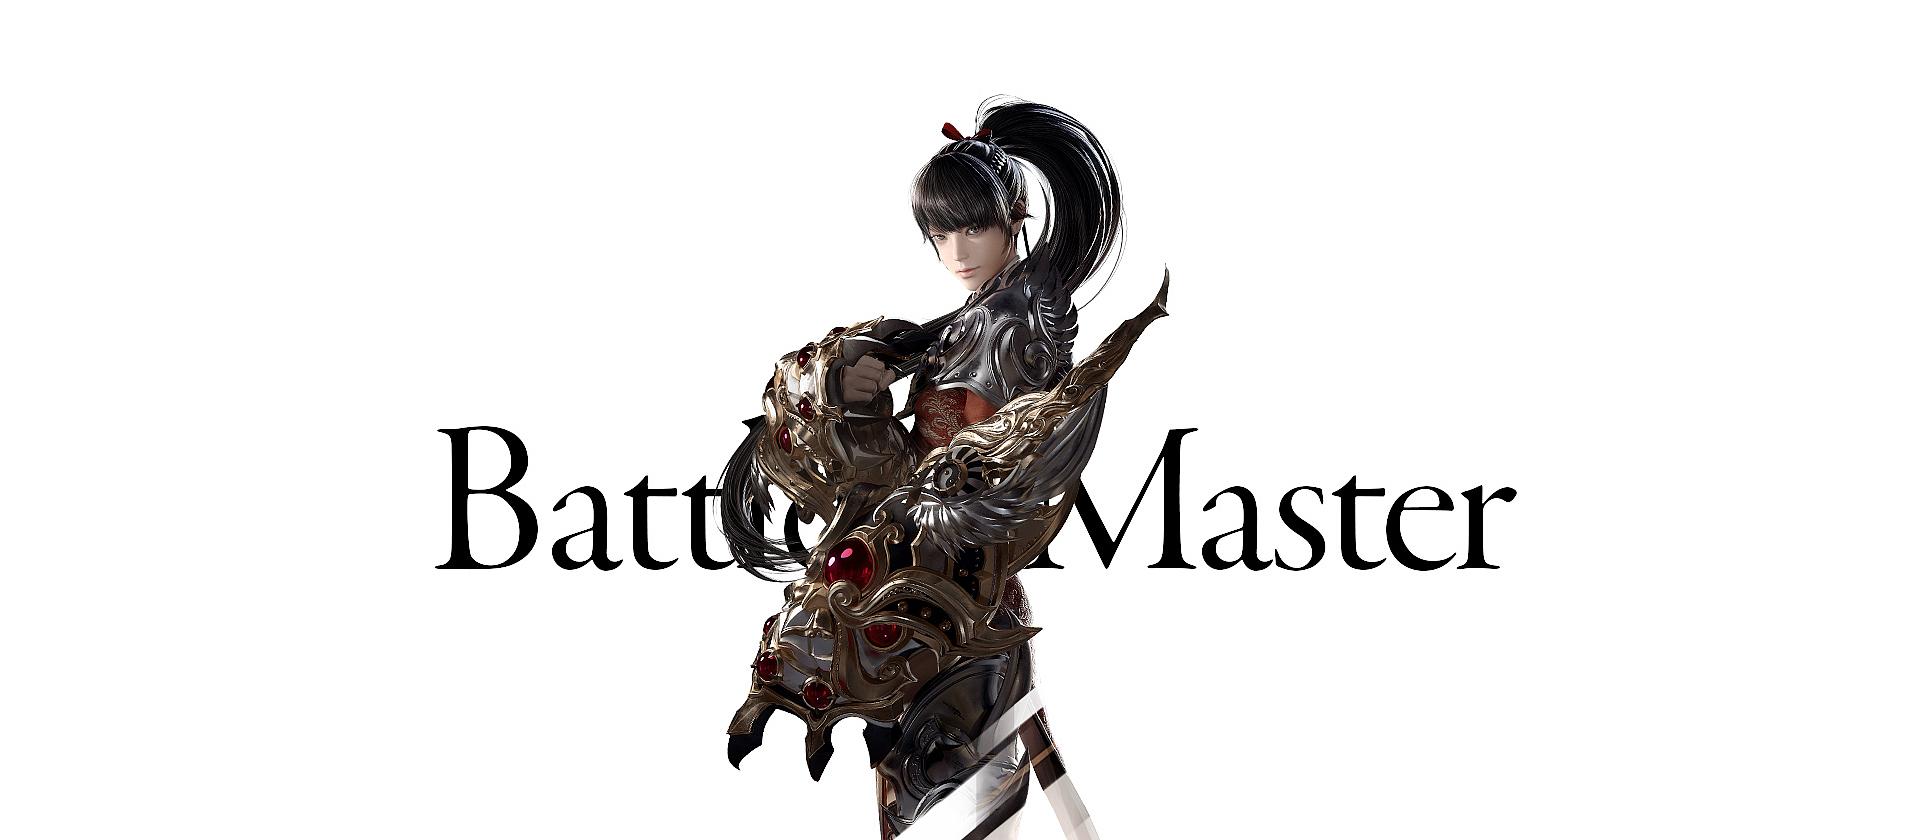 BattleMaster en Lost Ark Online, una de las tres subclases de Fighter.